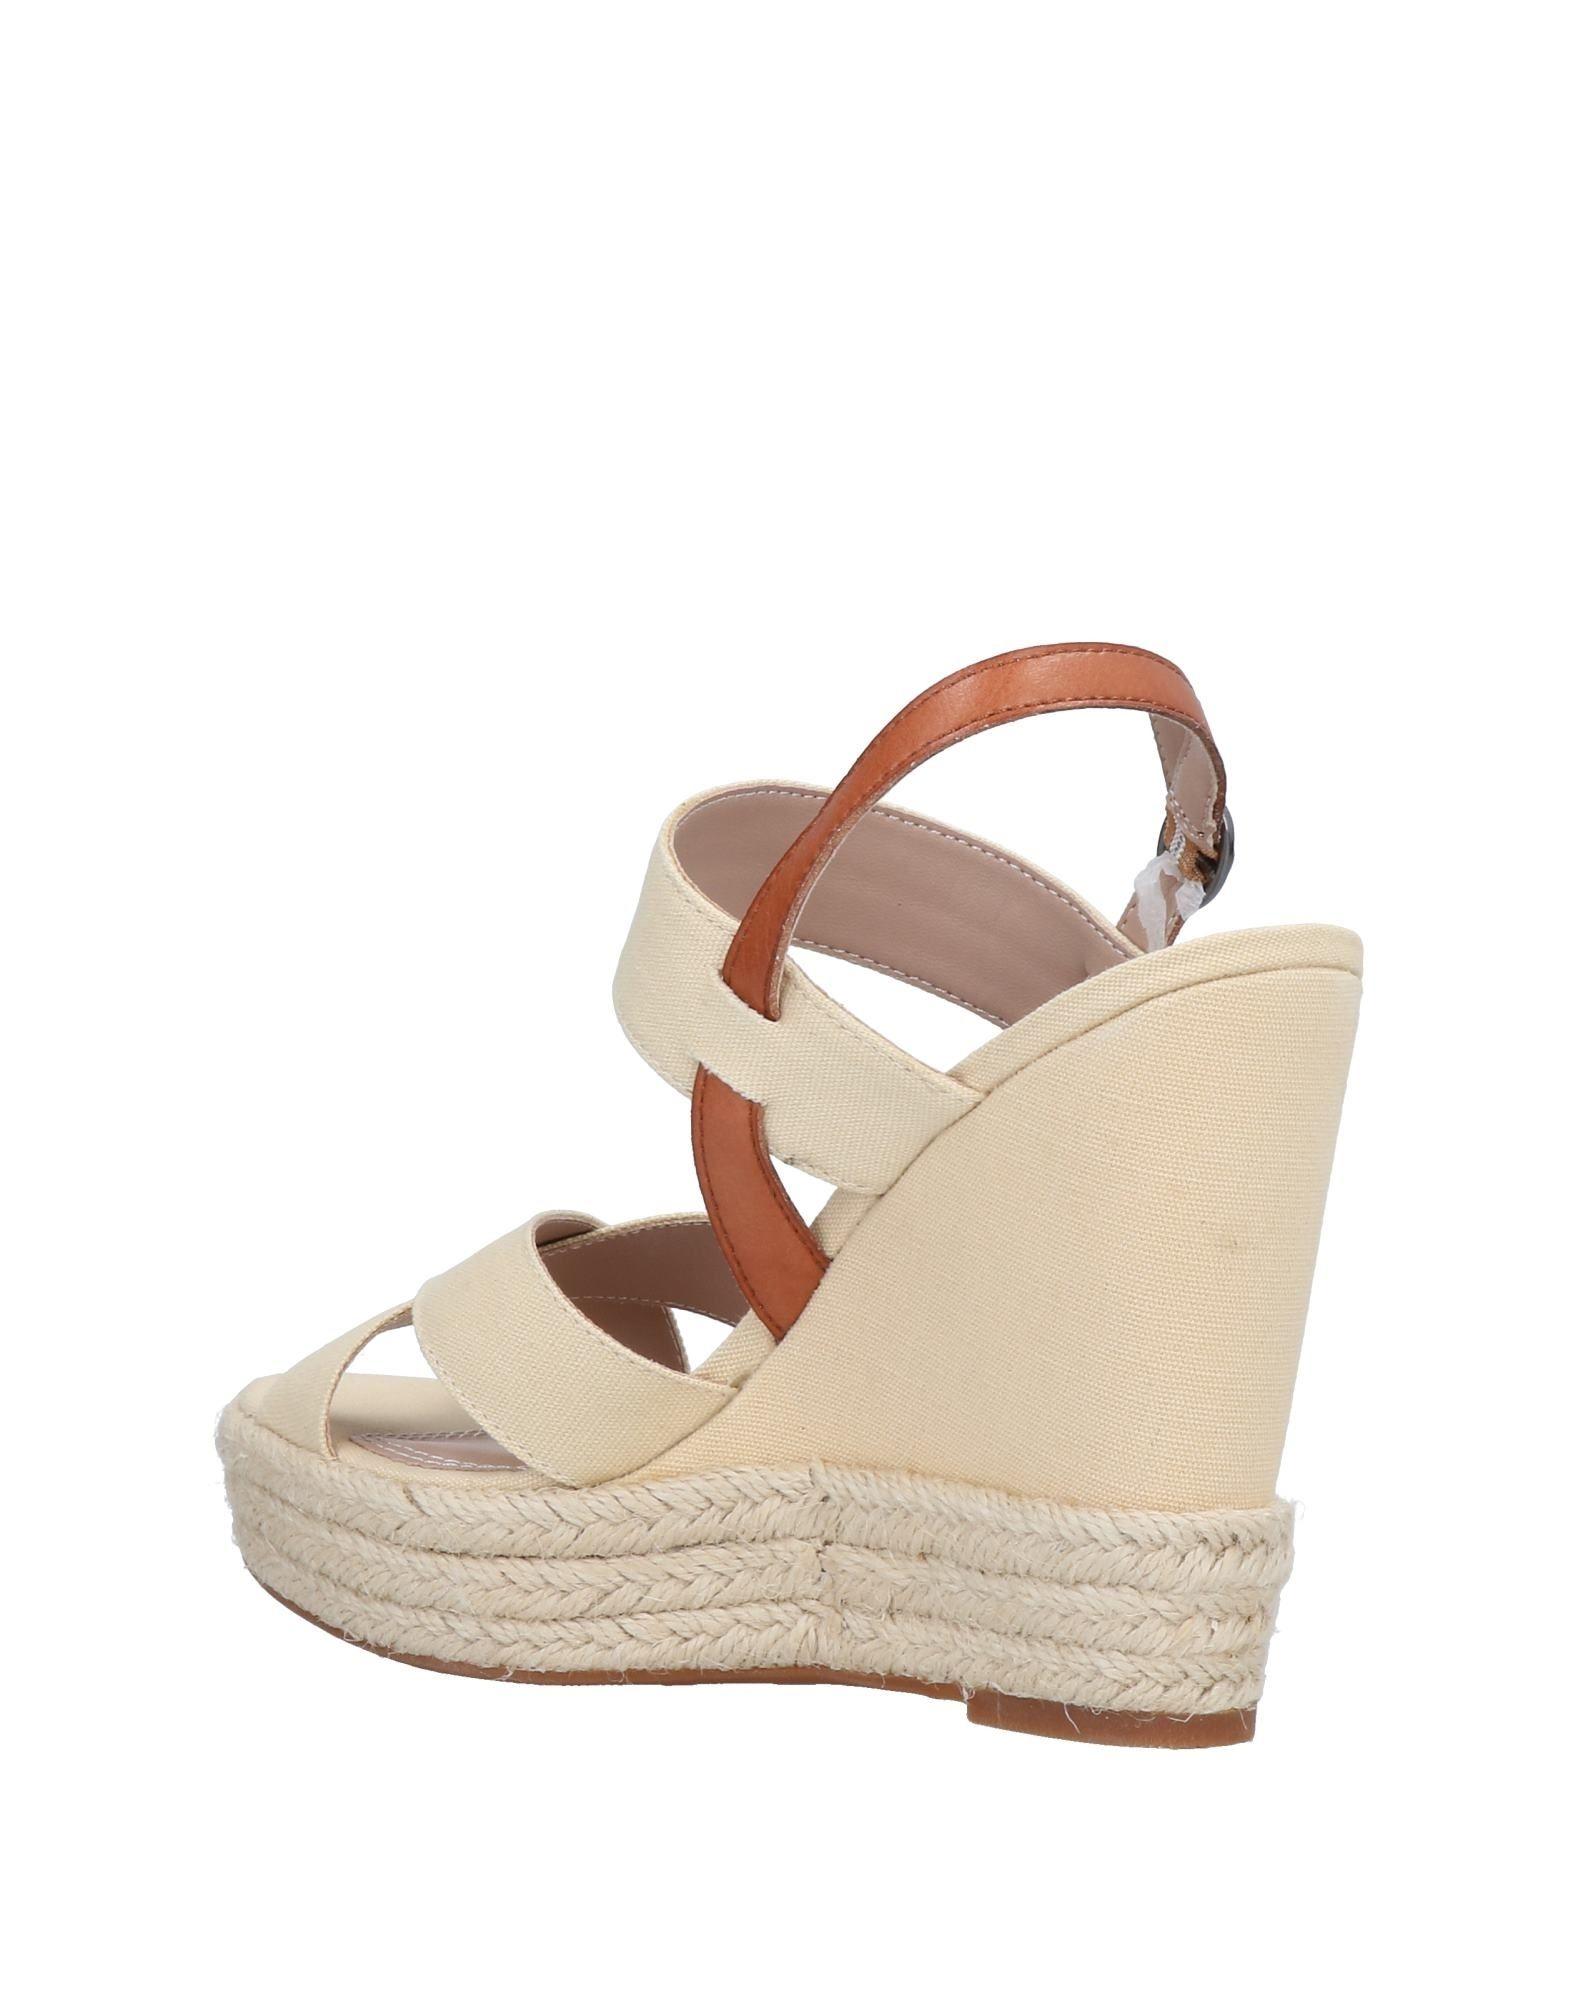 PEPE JEANS Damen Sandale elfenbein |